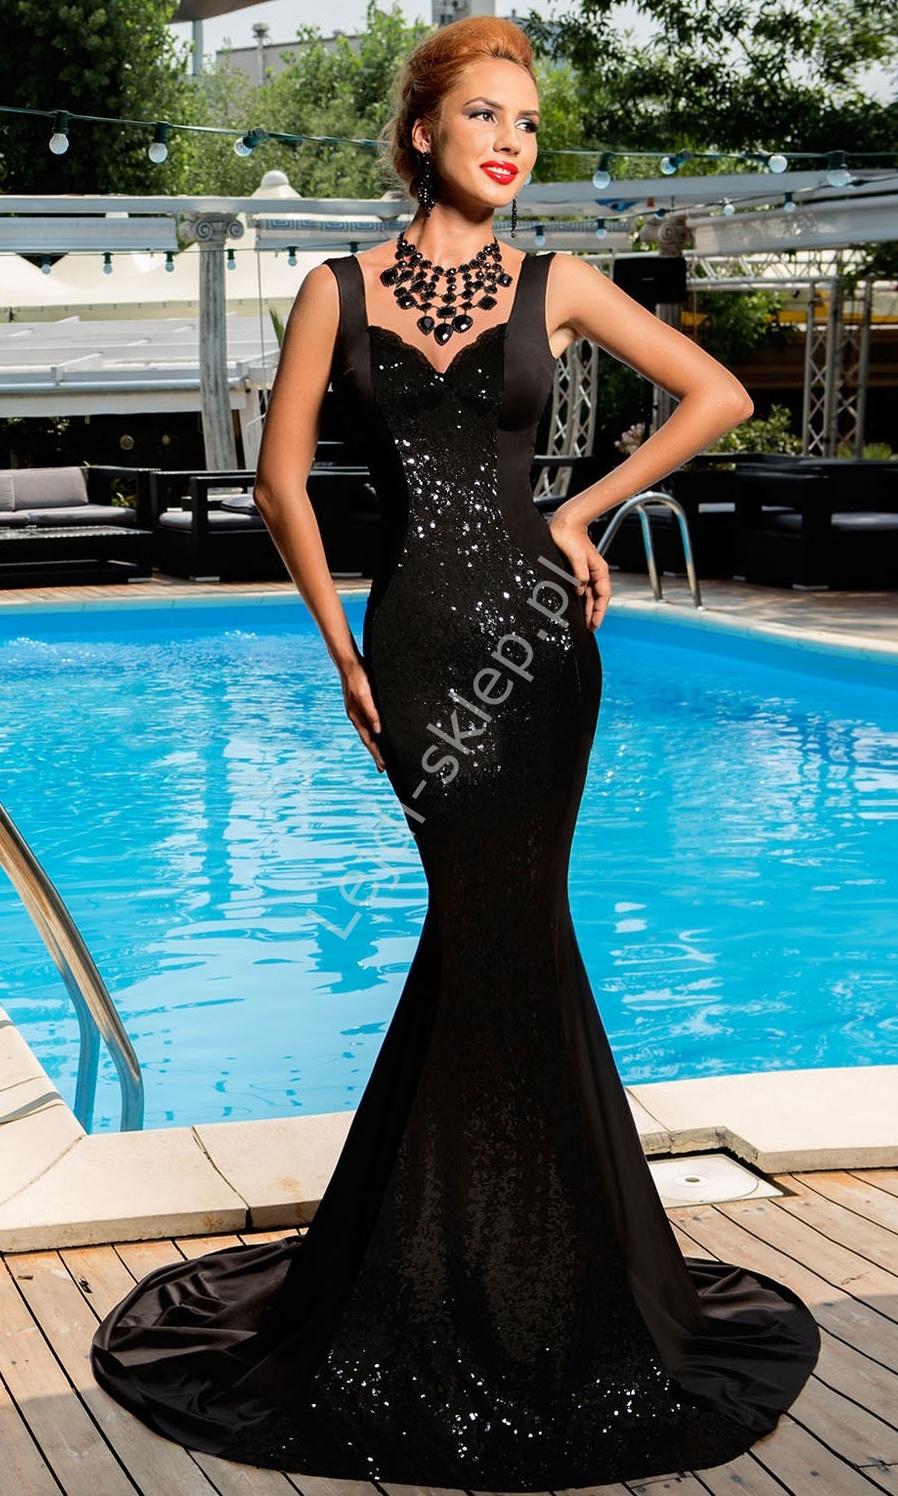 Czarna cekinowa długa sukienka | sukienki sylwetrowe, karnawałowe - Lejdi